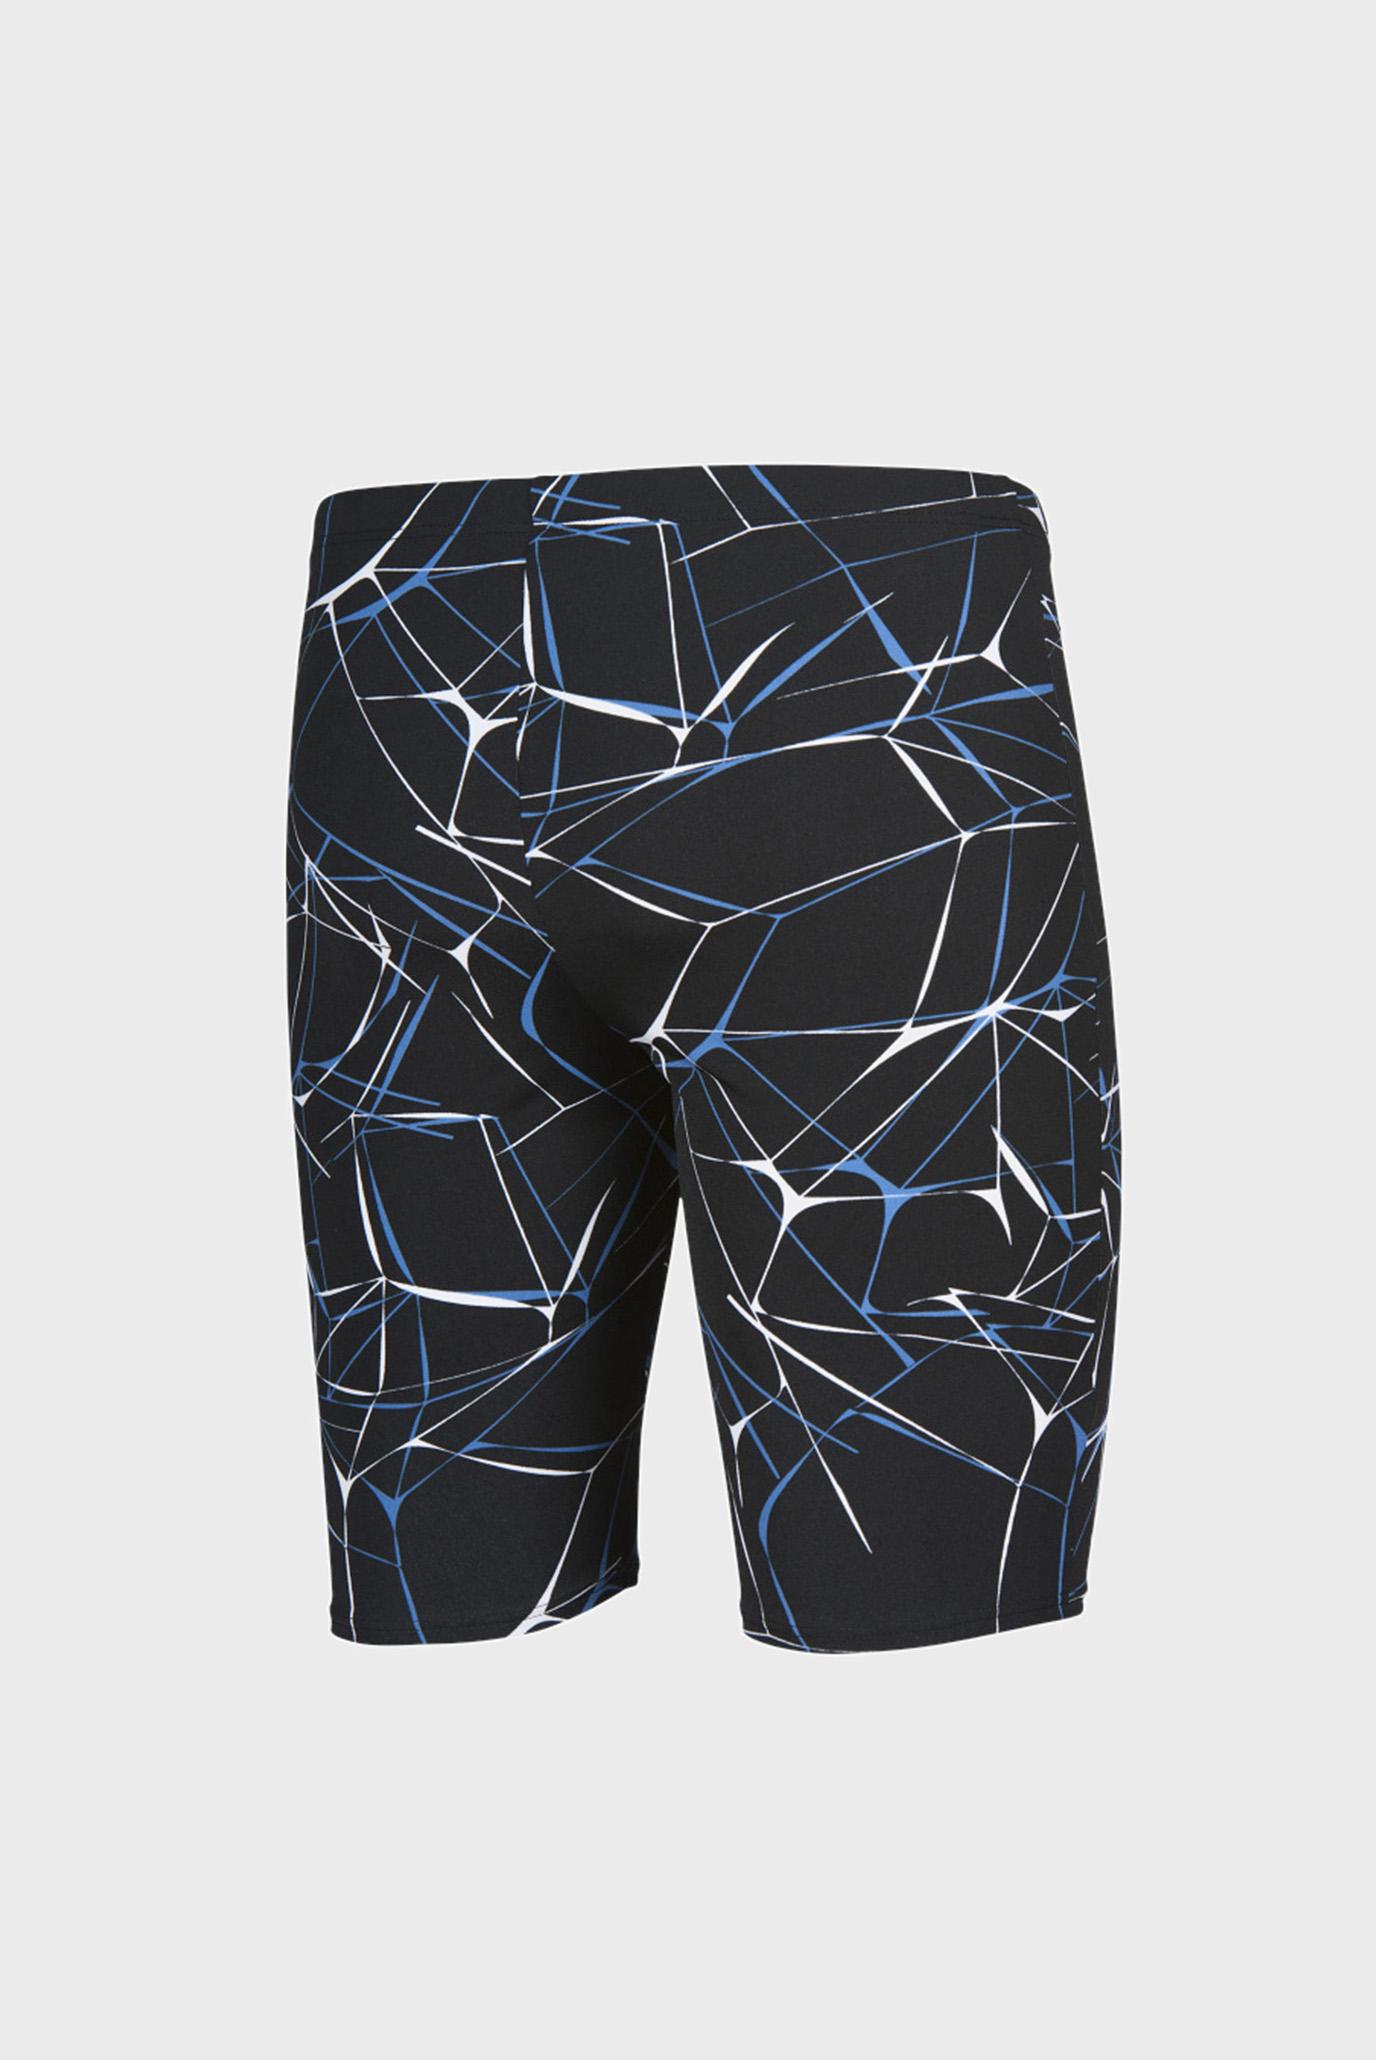 Купить Мужские черные плавательные шорты WATER JAMMER Arena Arena 001266-505 – Киев, Украина. Цены в интернет магазине MD Fashion